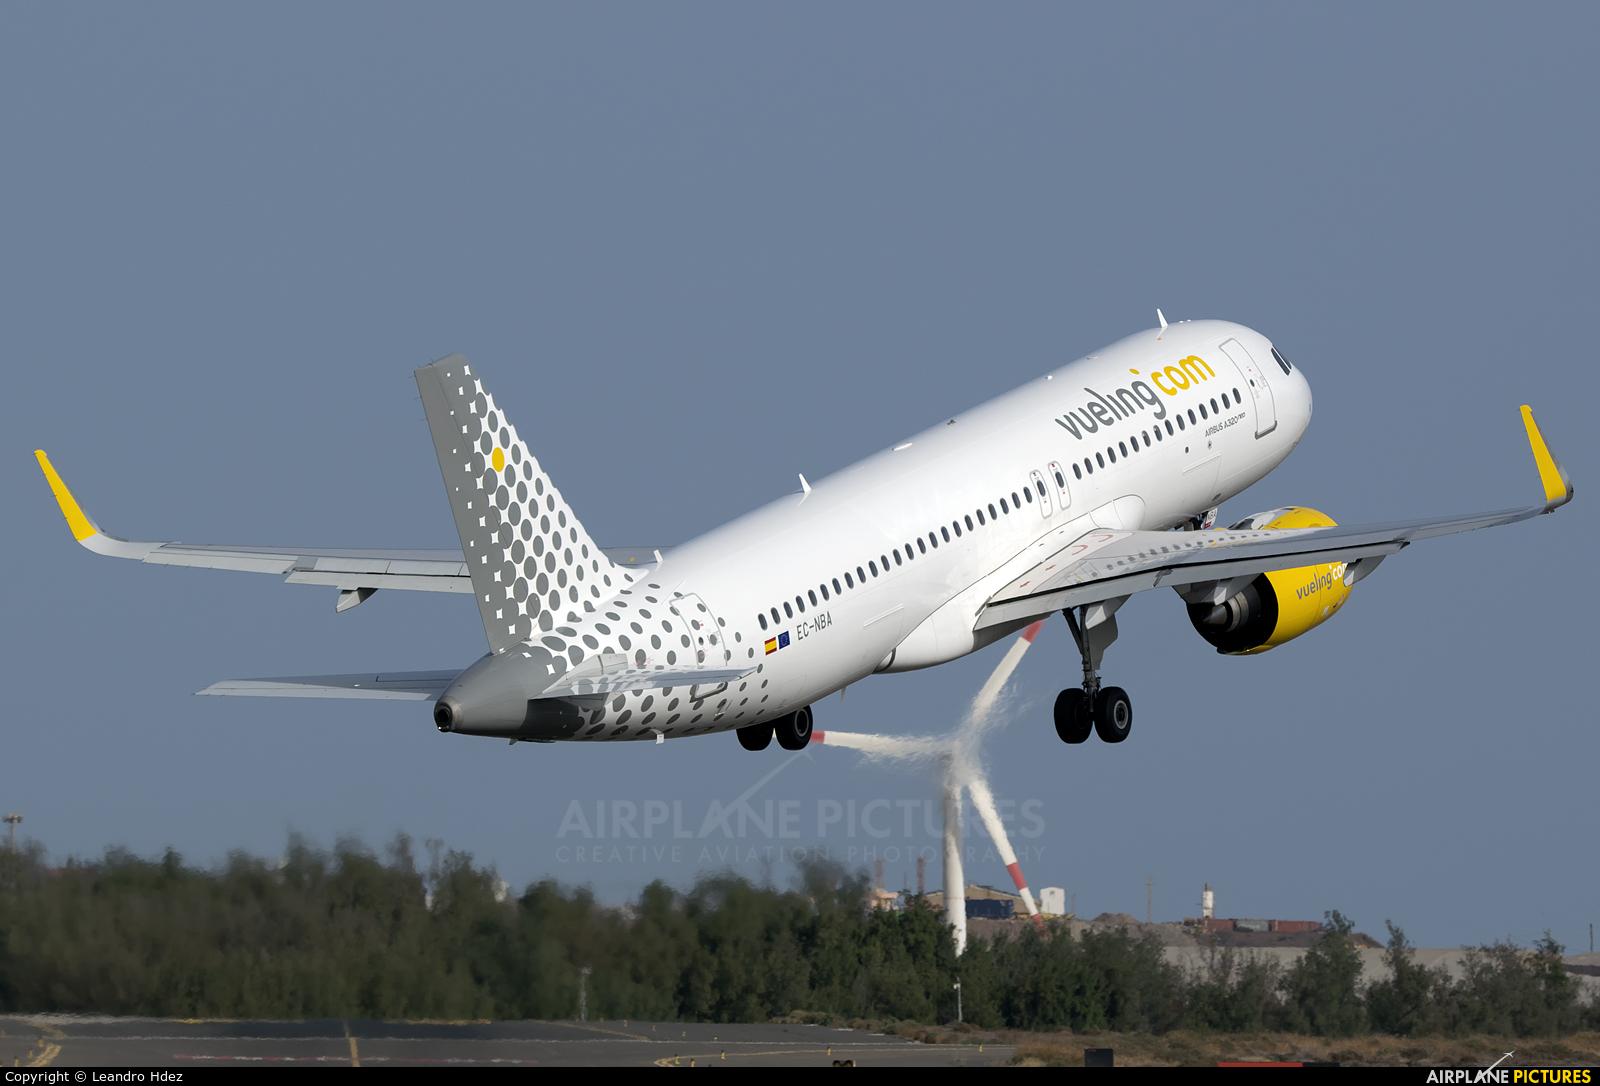 Vueling Airlines EC-NBA aircraft at Aeropuerto de Gran Canaria